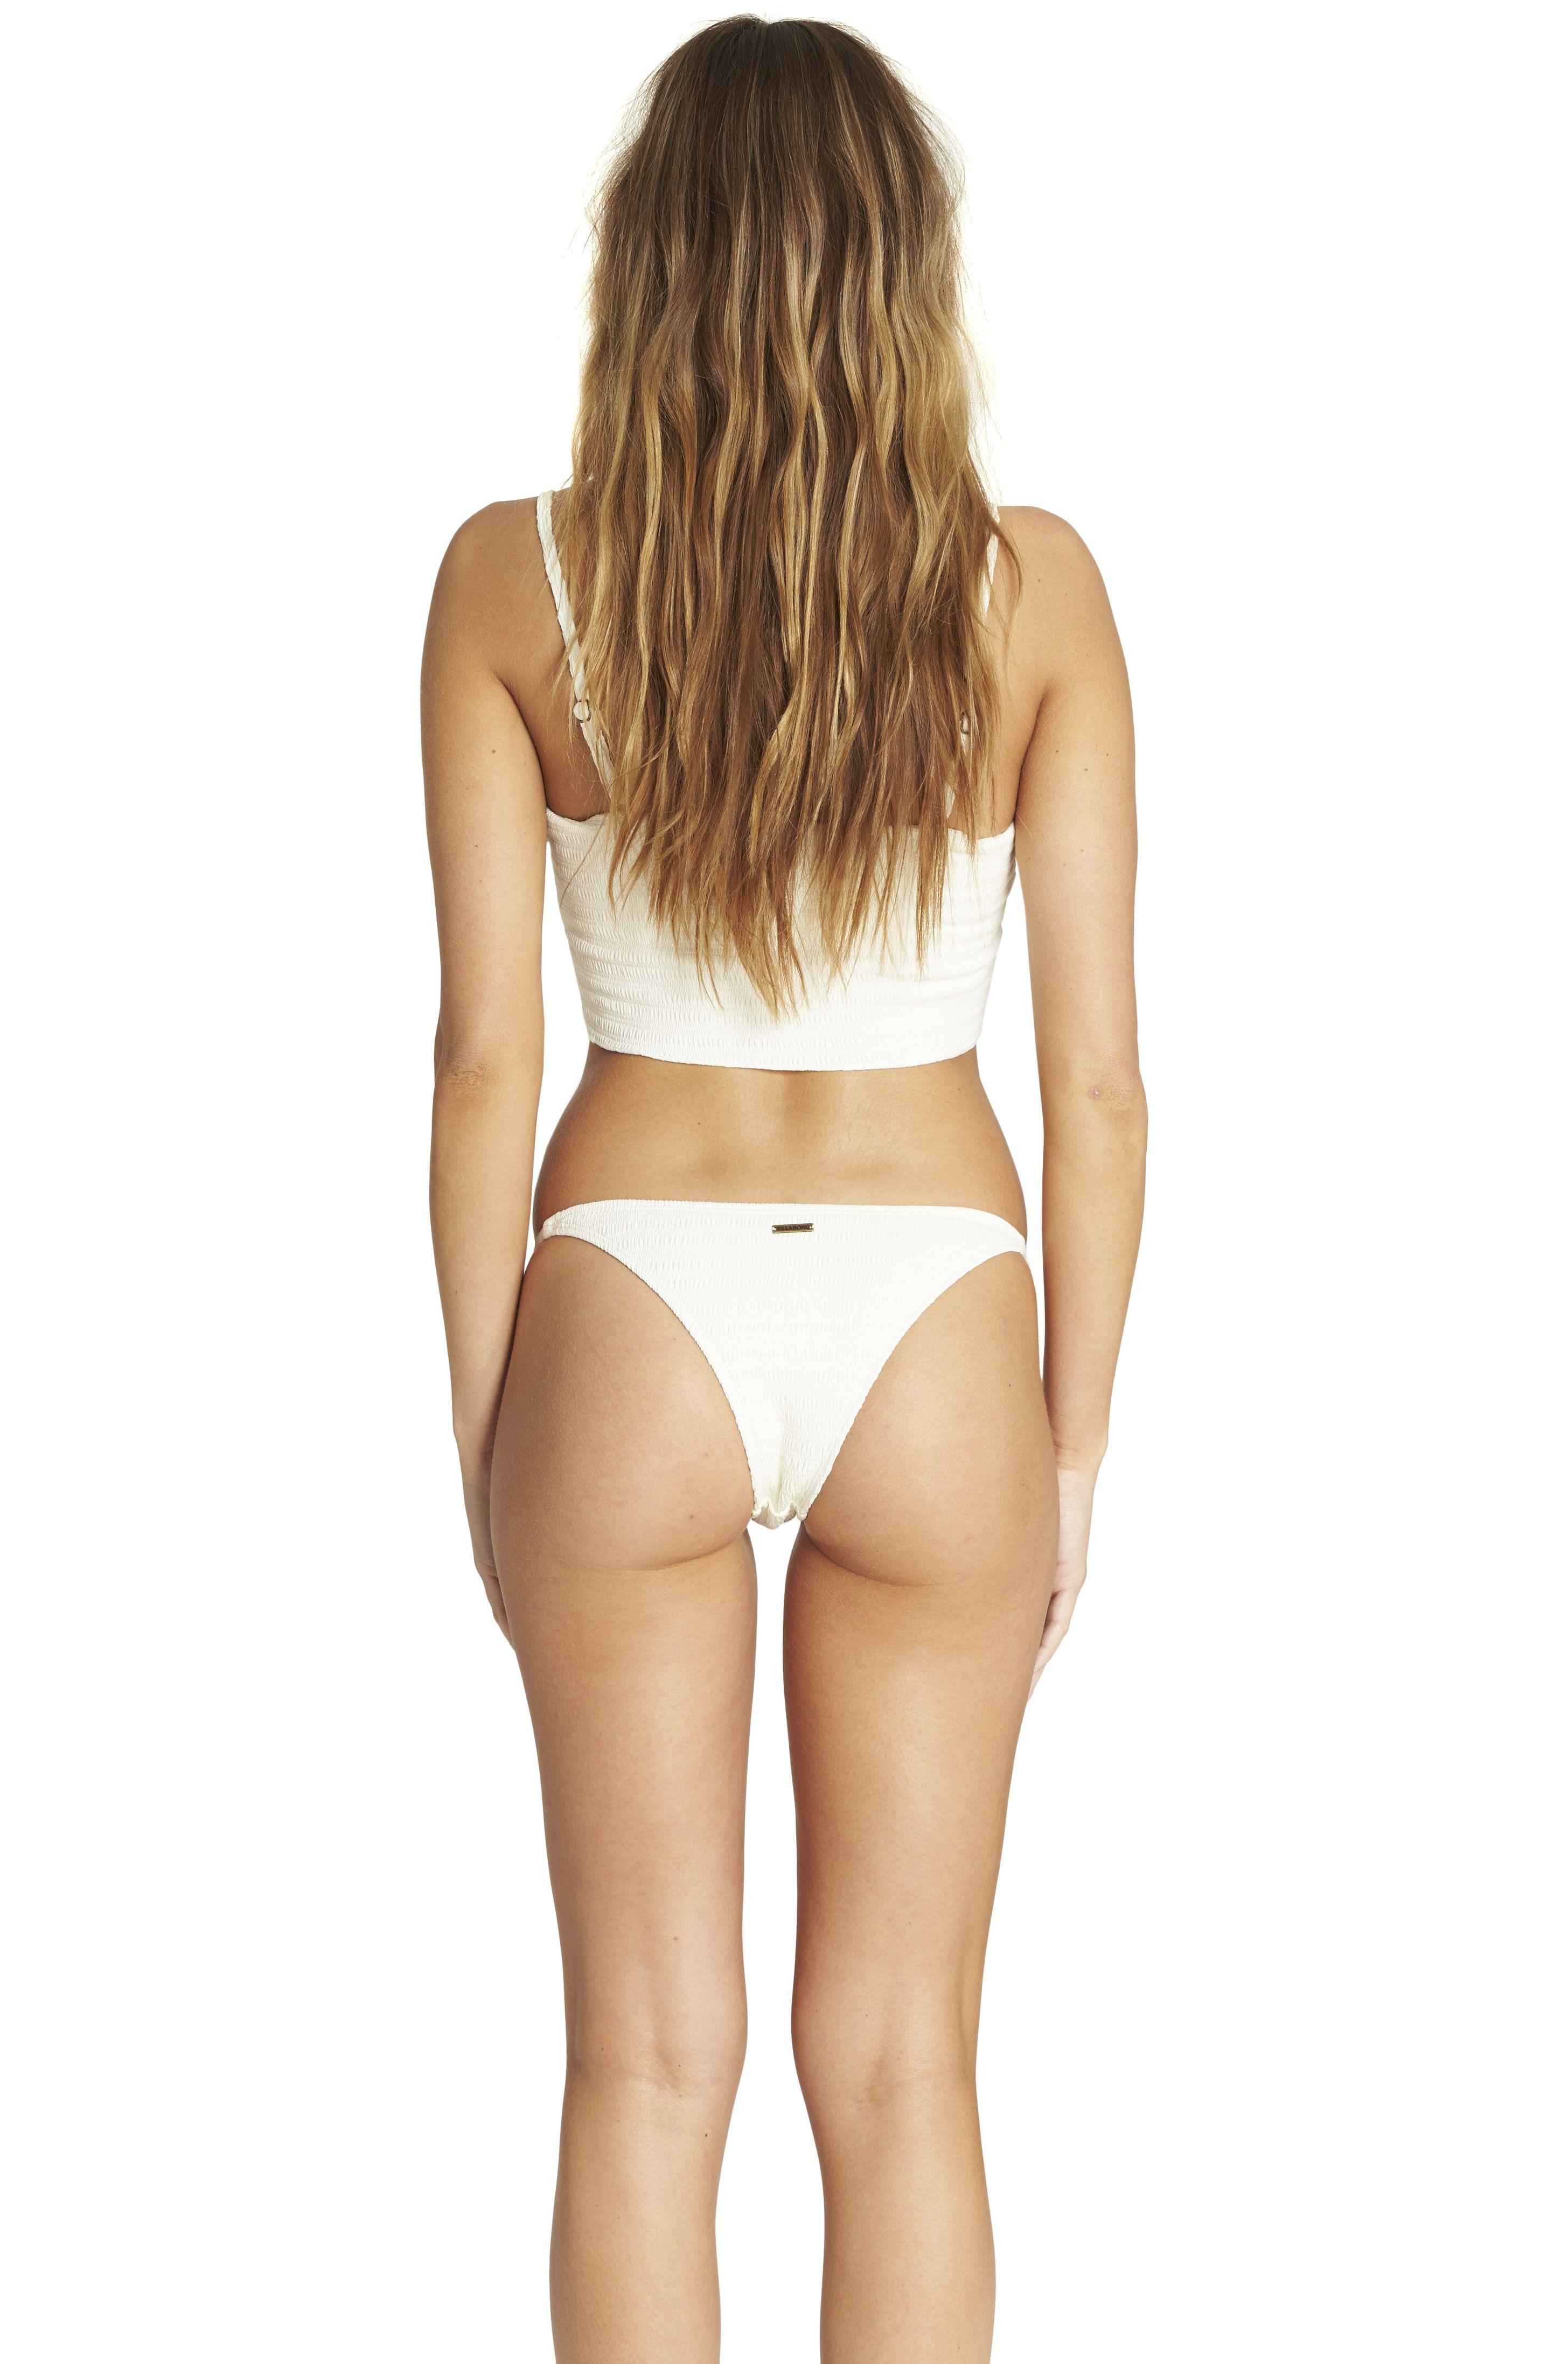 Billabong Bikini Bottom SUN RISE ISLA SEEKERS OF THE SUN Seashell